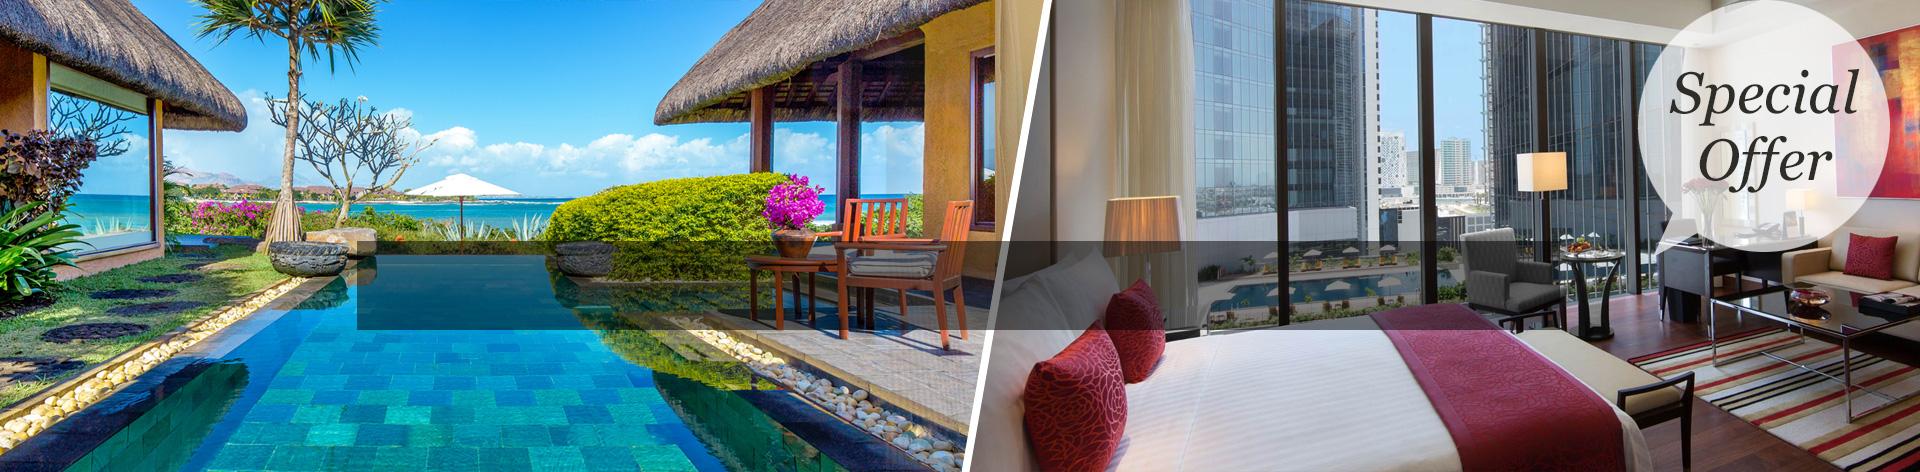 入住欧贝罗伊毛里求斯酒店,获取免费大礼 入住迪拜欧贝罗伊酒店